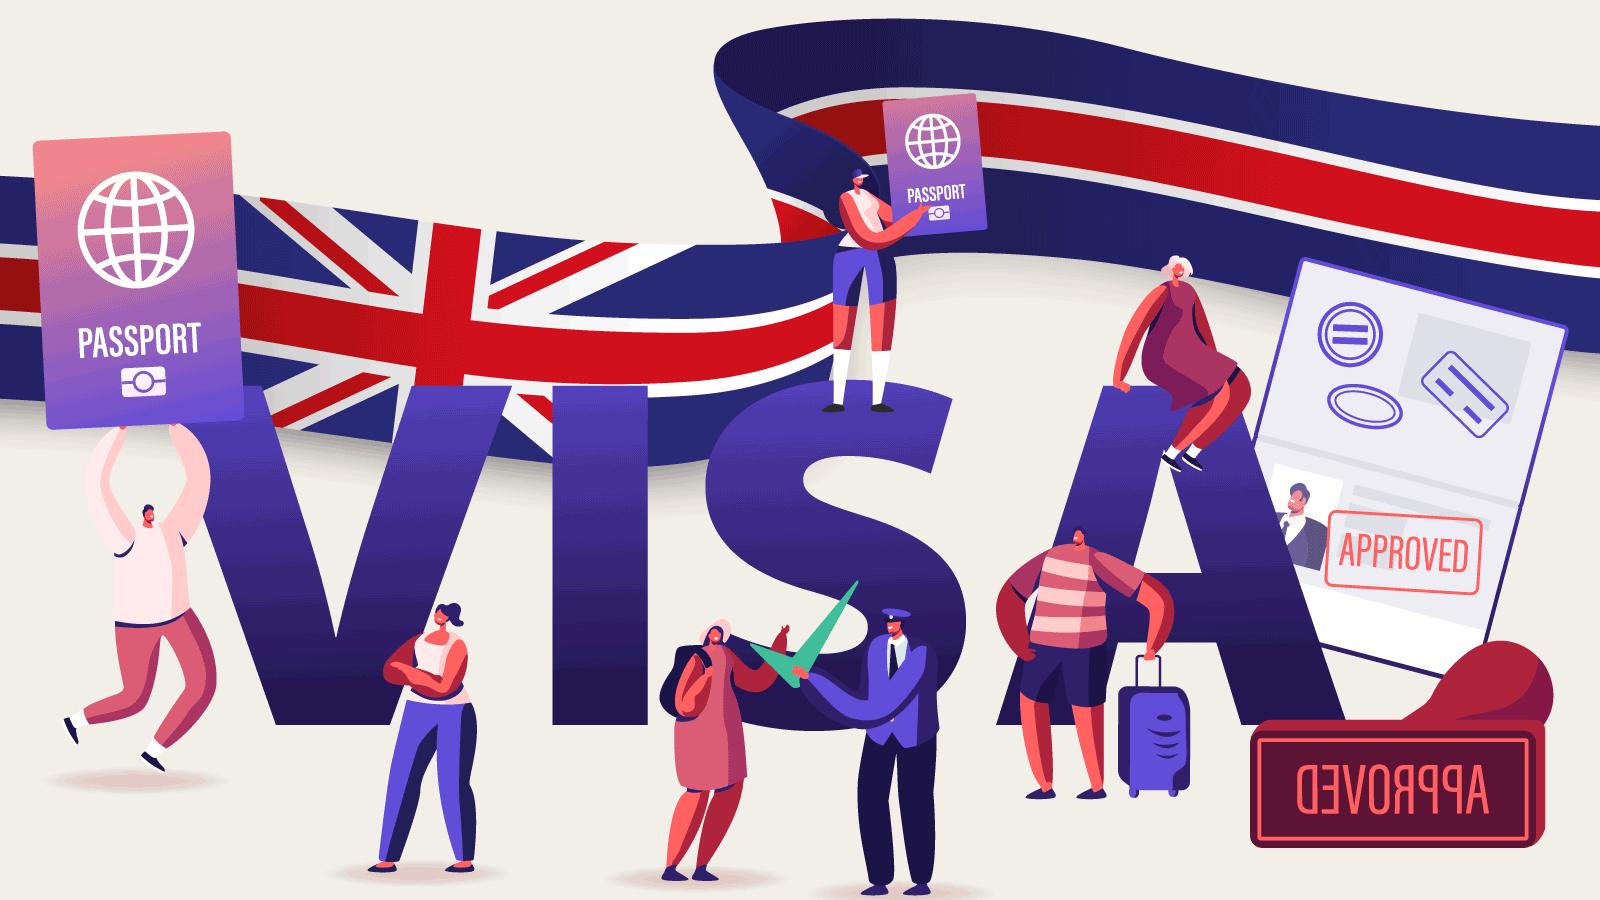 UK Visa application guide illustration